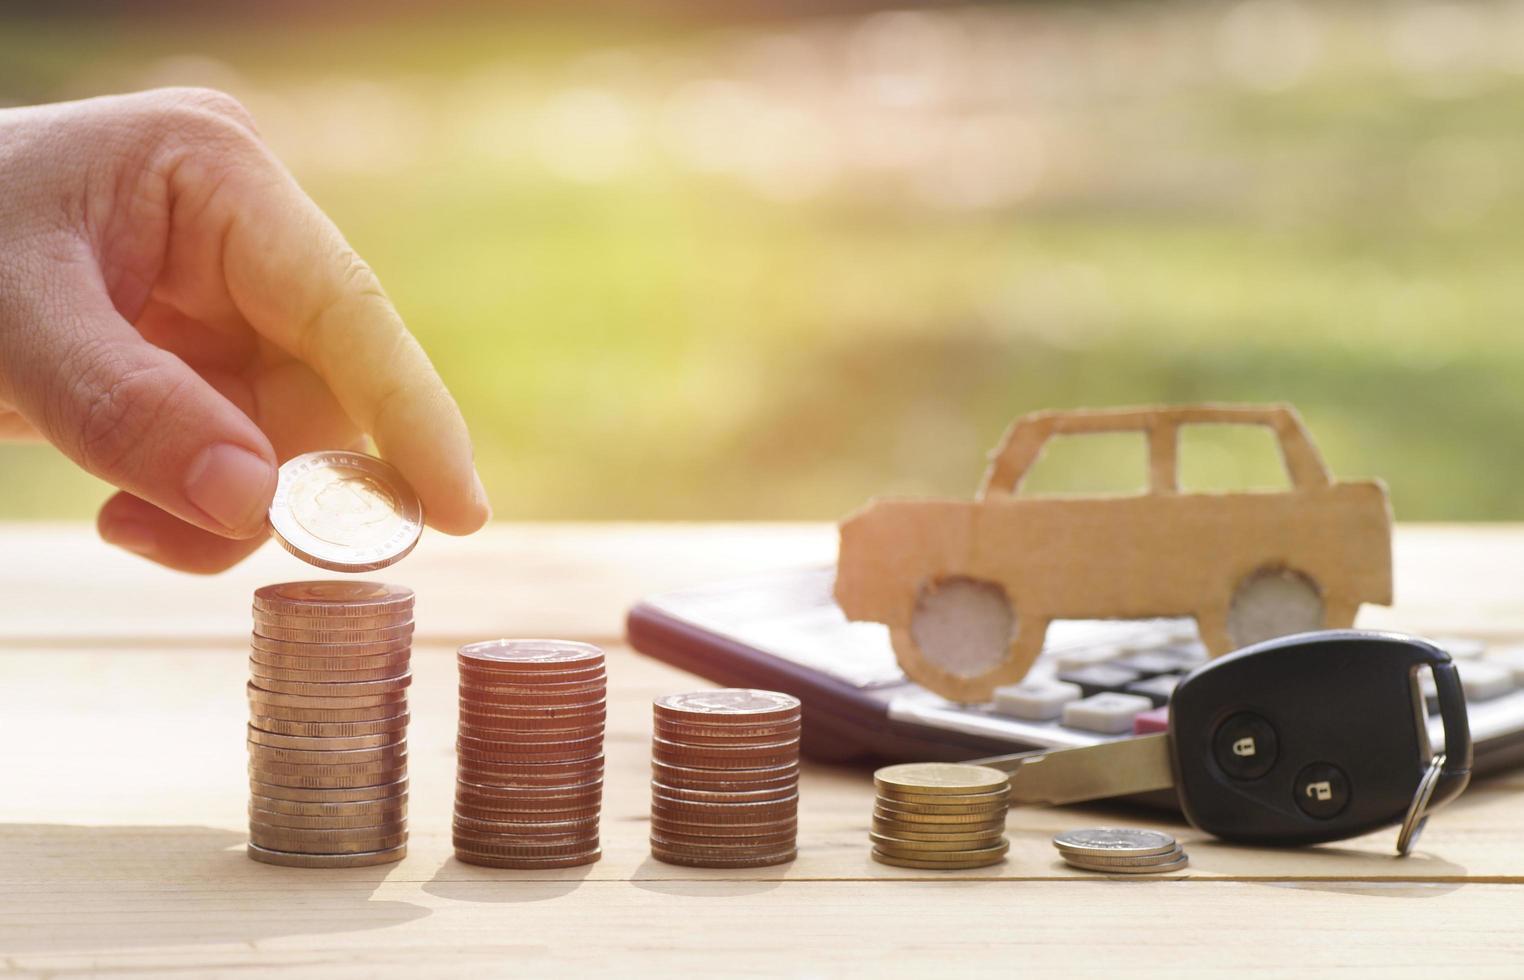 stapel geldmunten en sleutelconcept in de financiering van verzekeringsleningen en het kopen van autoachtergrond foto